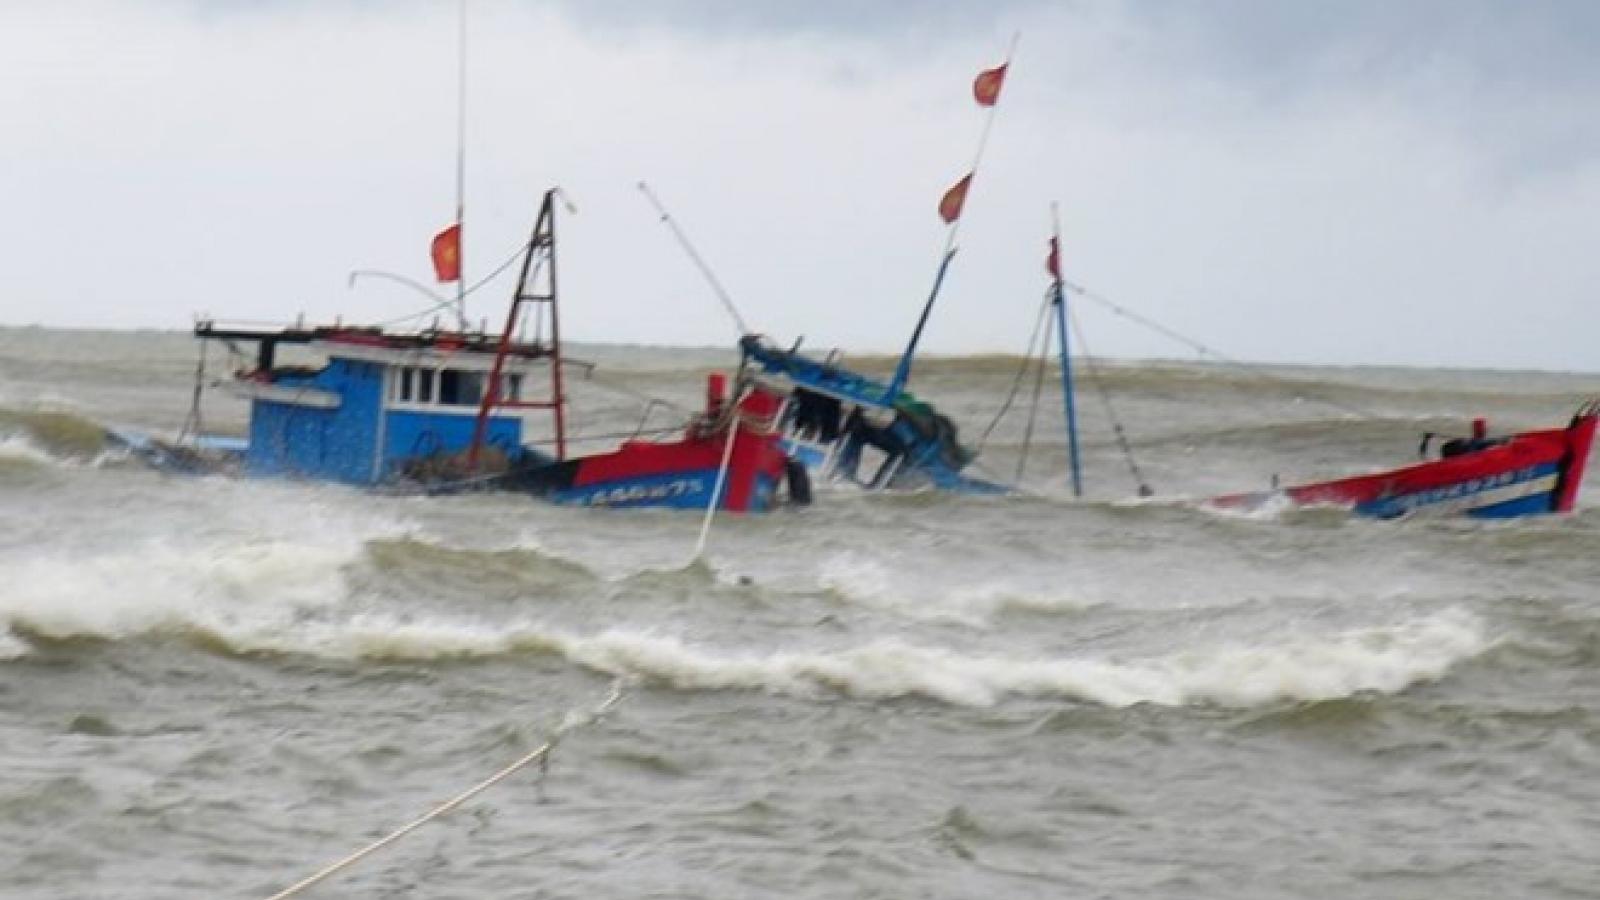 Tàu cá cùng 9 ngư dân bị tàu hàng đâm chìm trên biển, 2 người mất tích